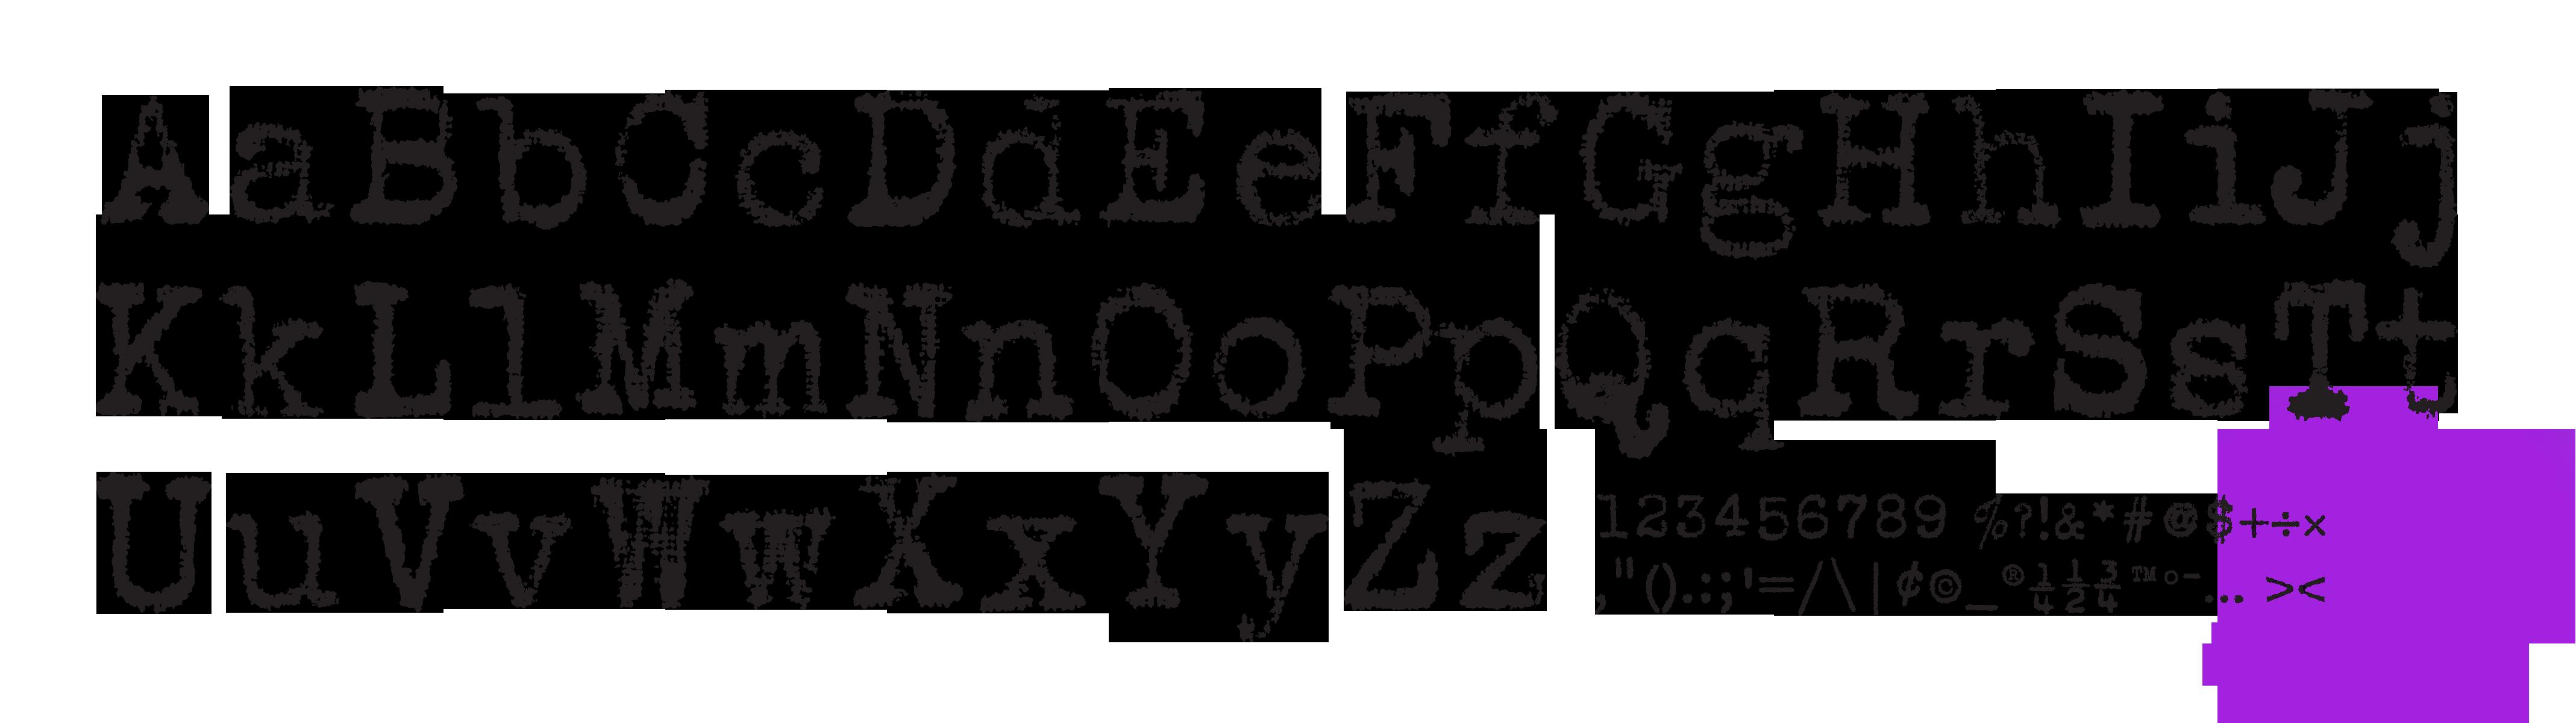 Free typewriter fonts urban fonts.